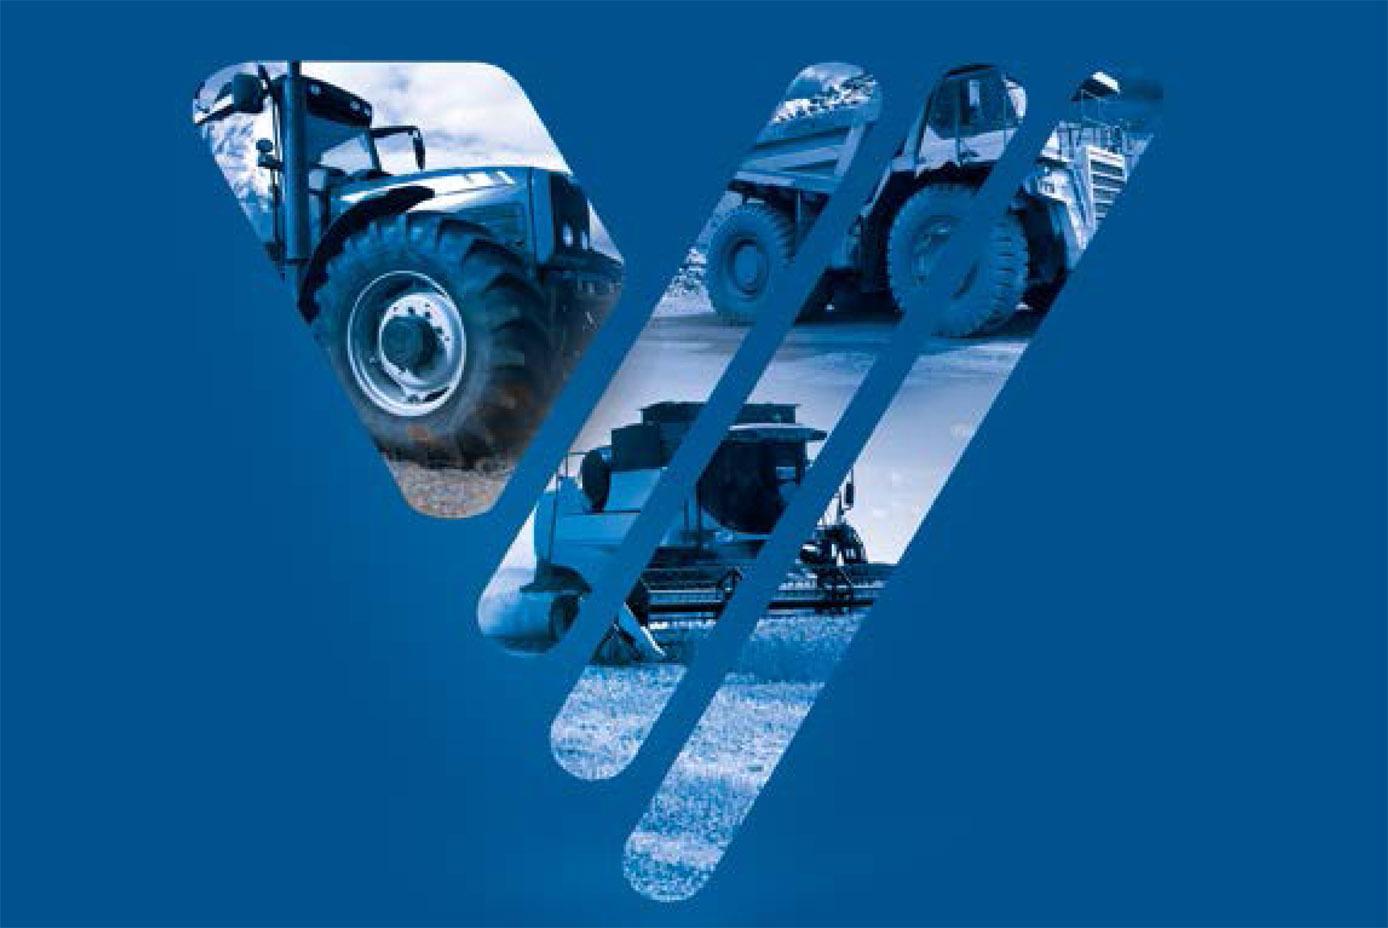 «Волтайр-Пром» пополнил линейки шин Voltyre Agro и Voltyre Heavy новыми моделями